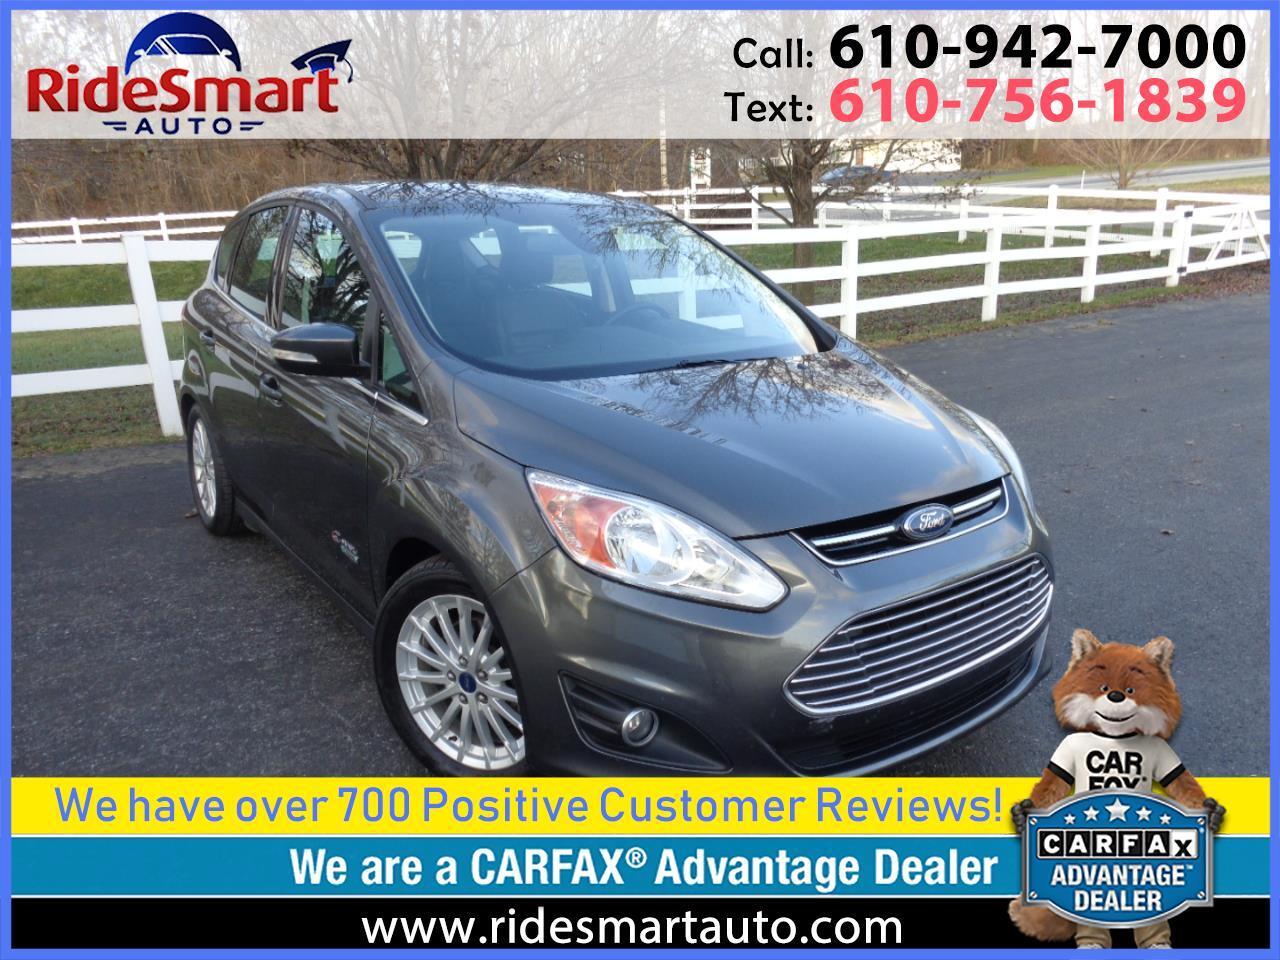 2015 Ford C-Max Energi 5 Door HB Premium SEL